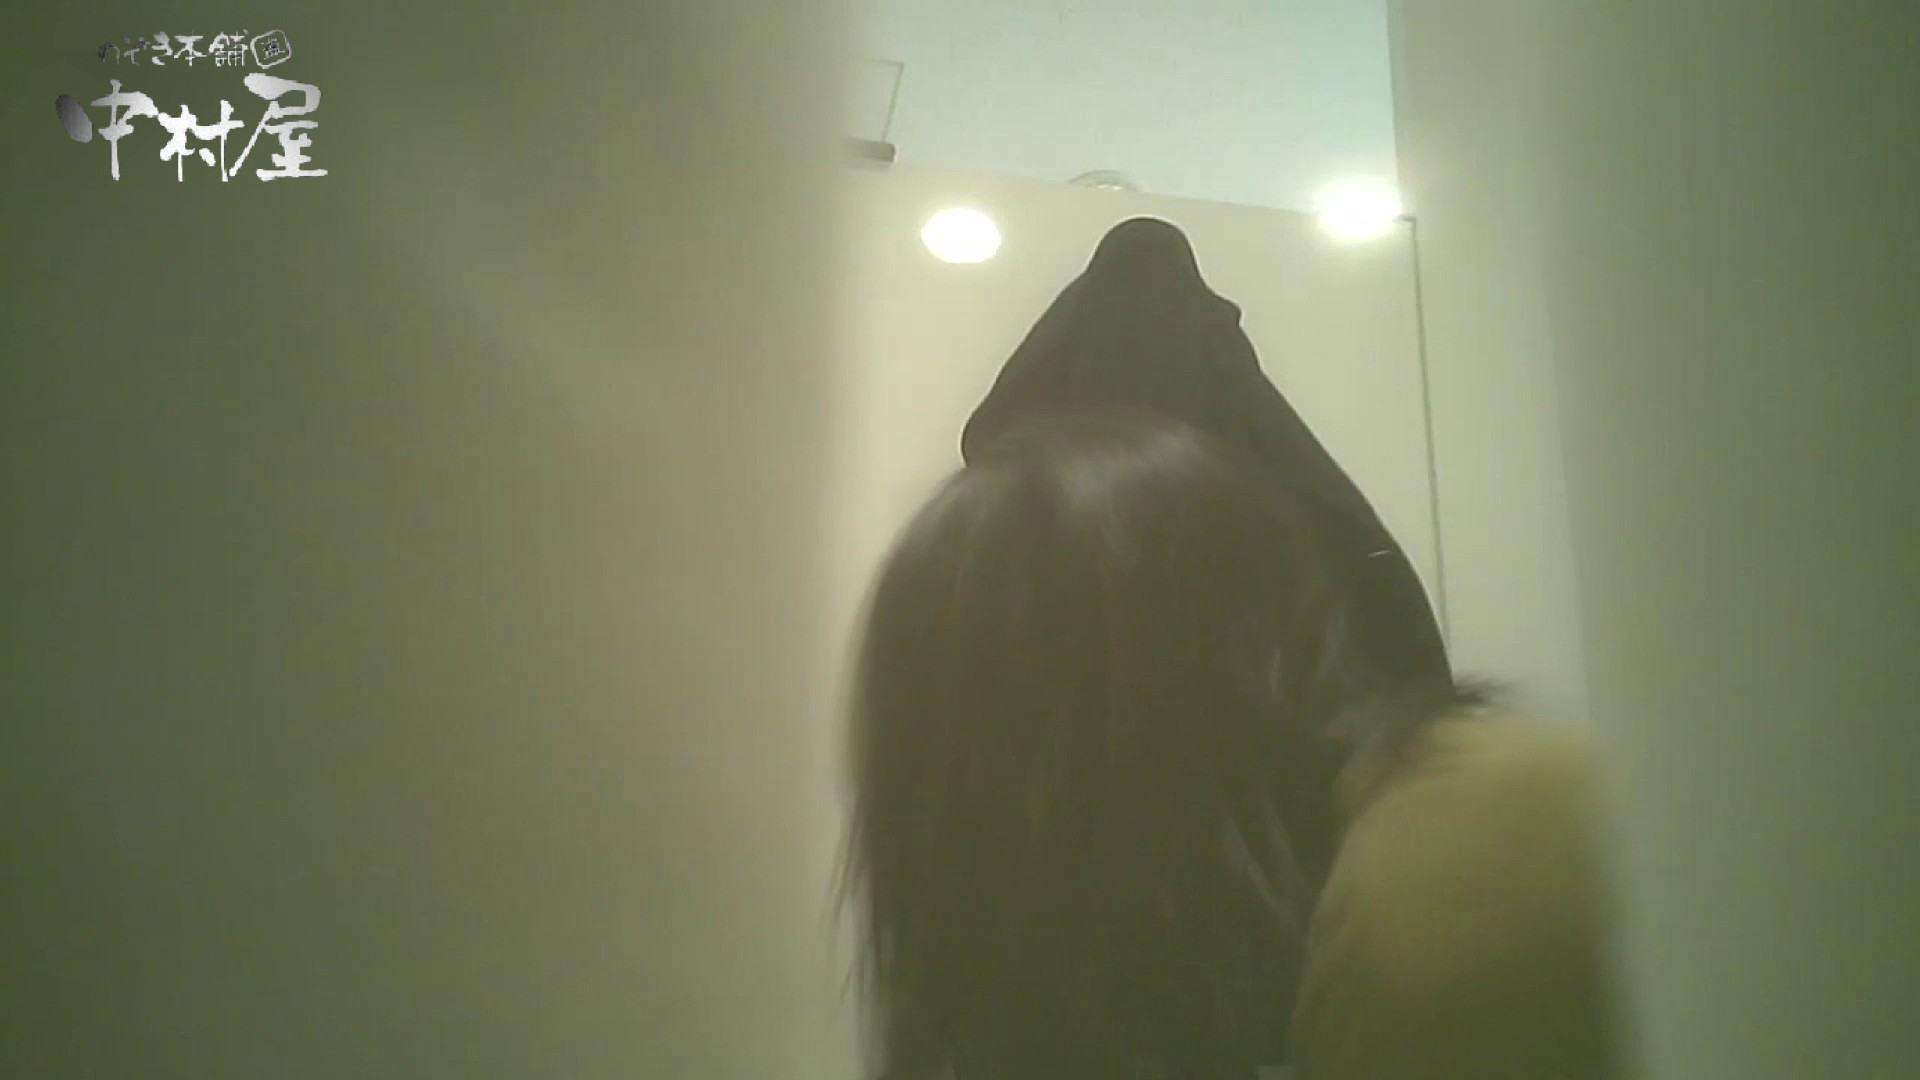 有名大学女性洗面所 vol.54 設置撮影最高峰!! 3視点でじっくり観察 0 | 0  41連発 3